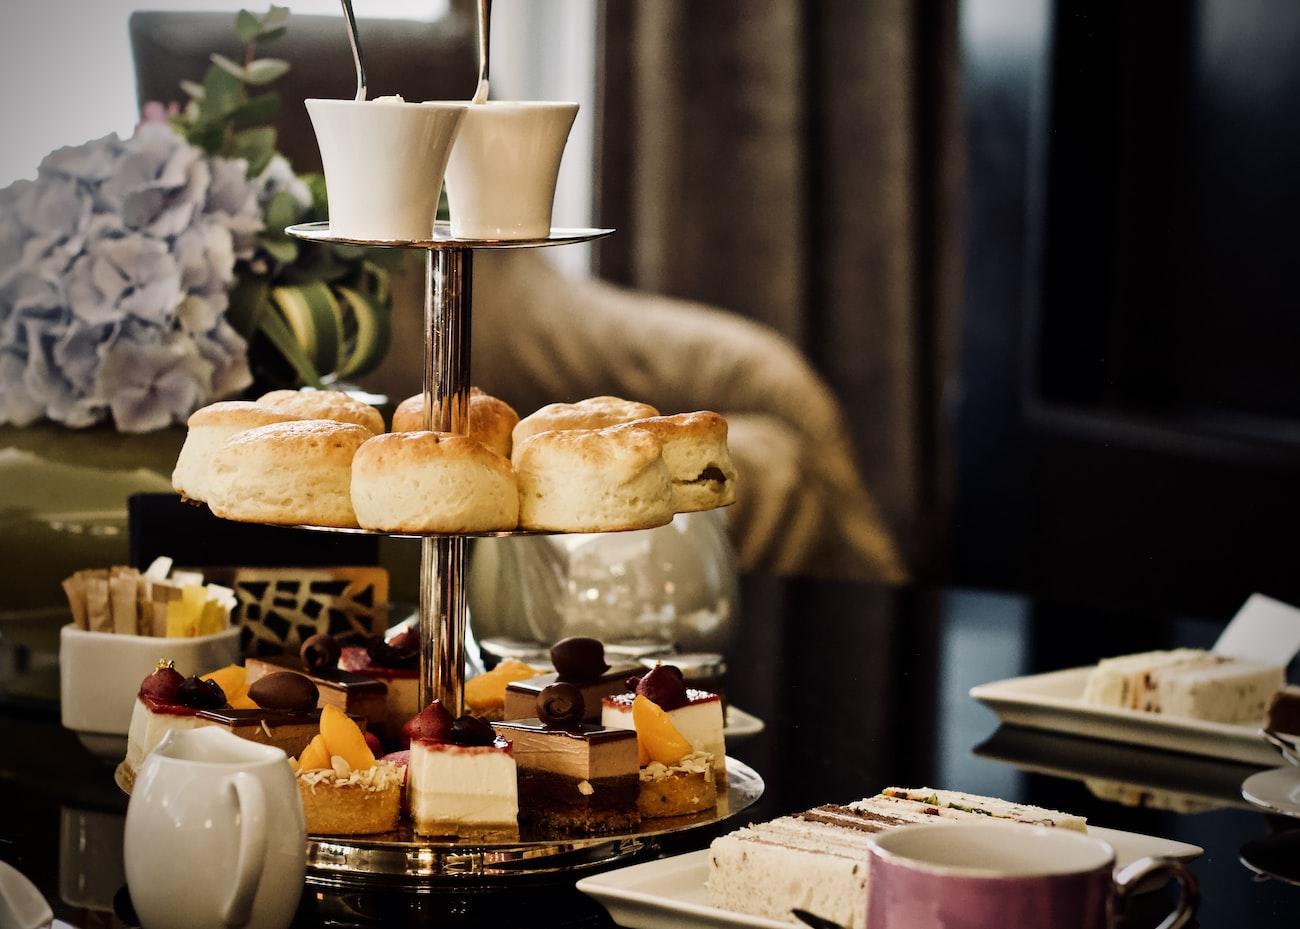 Hôm nay bạn đã Kaffee und Kuchen chưa? 1